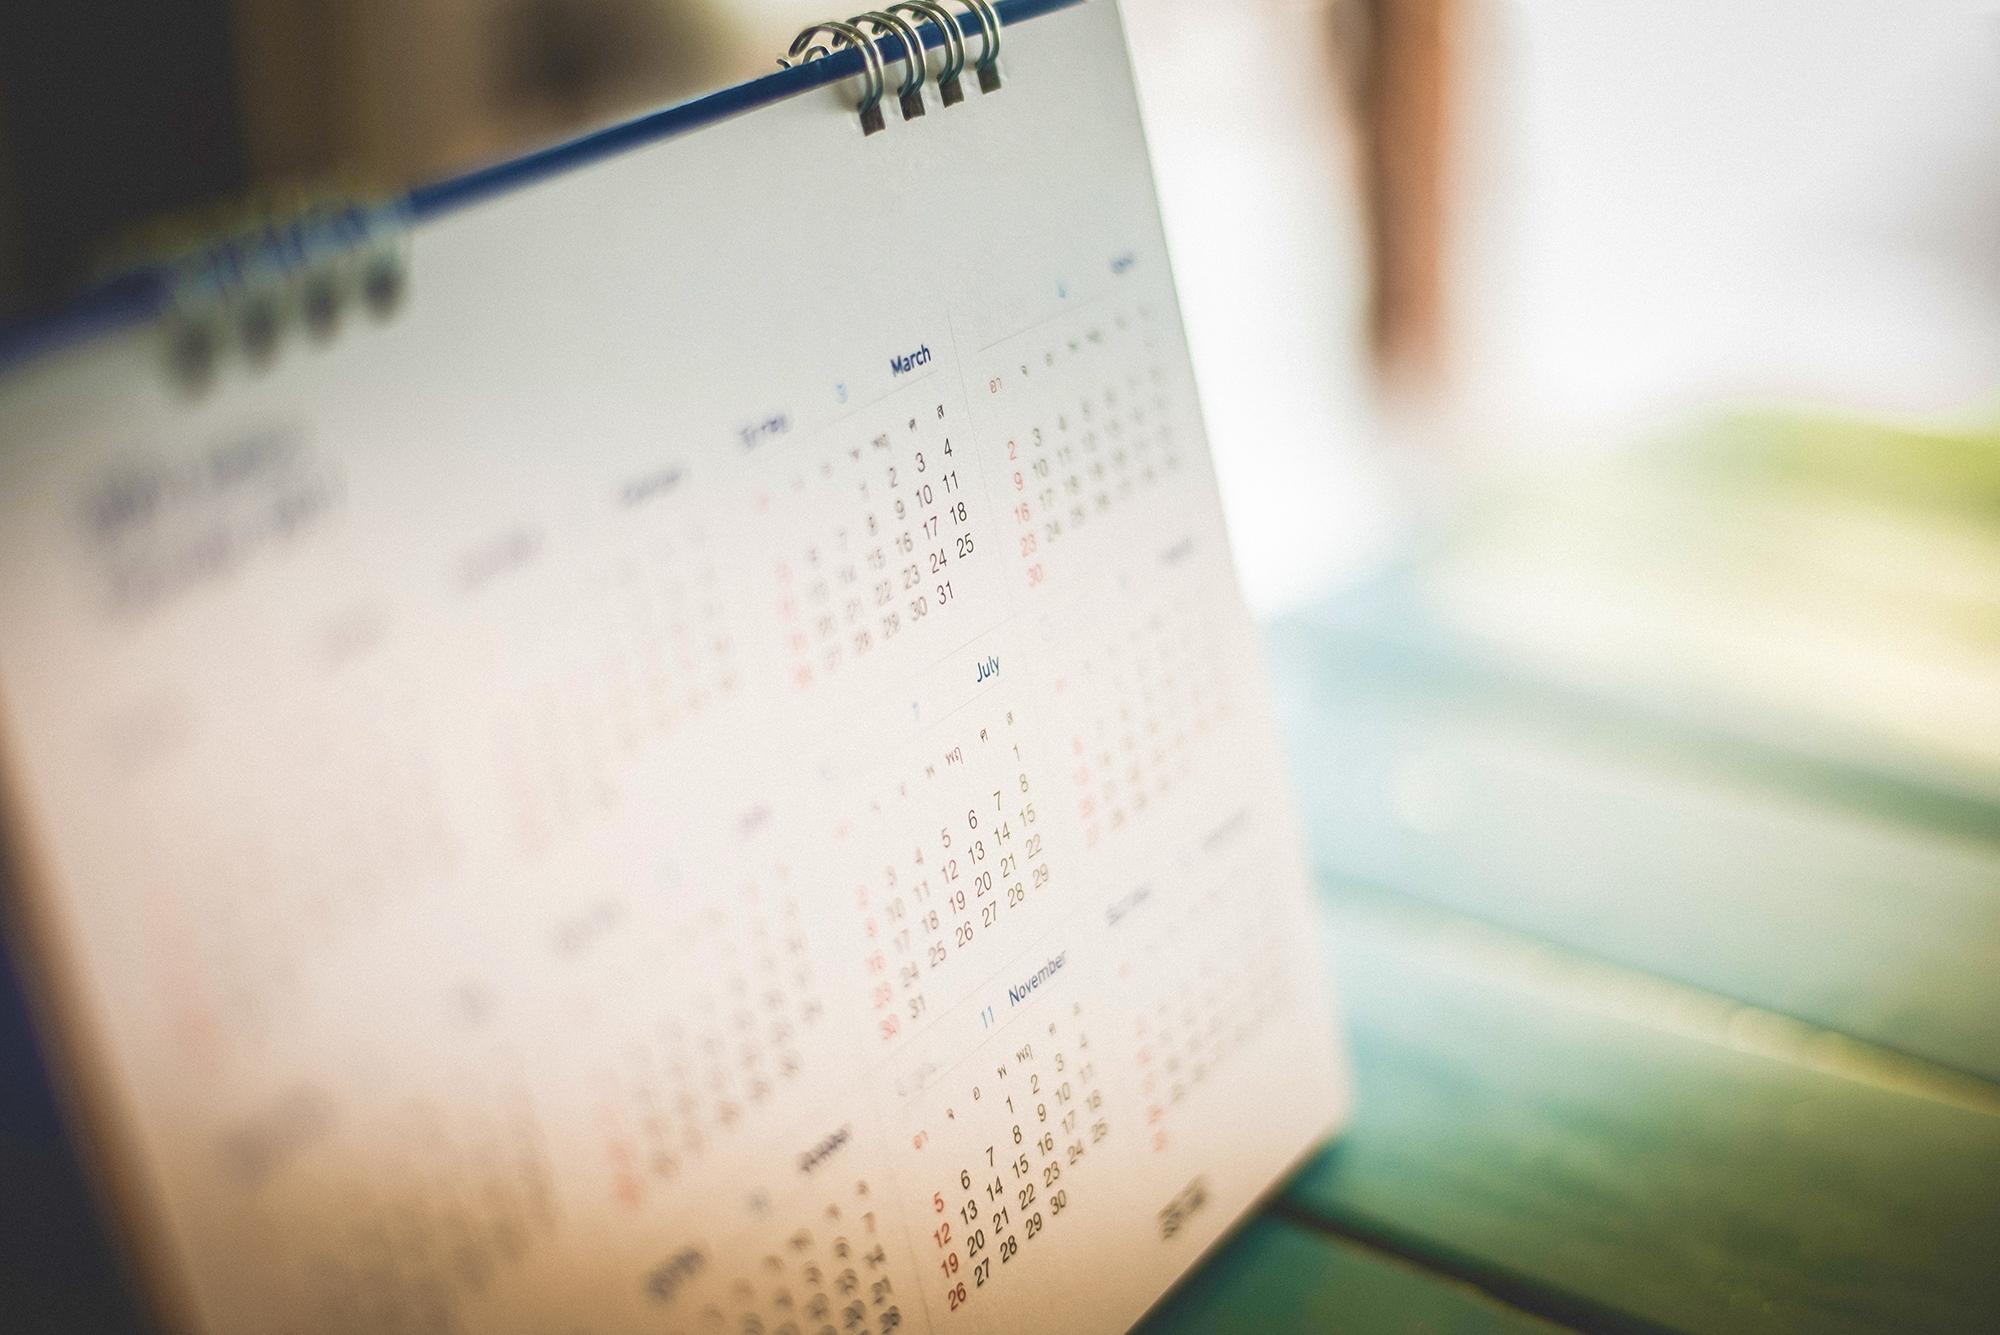 4 5 4 Calendar | Nrf 4 4 5 Calendar 2019